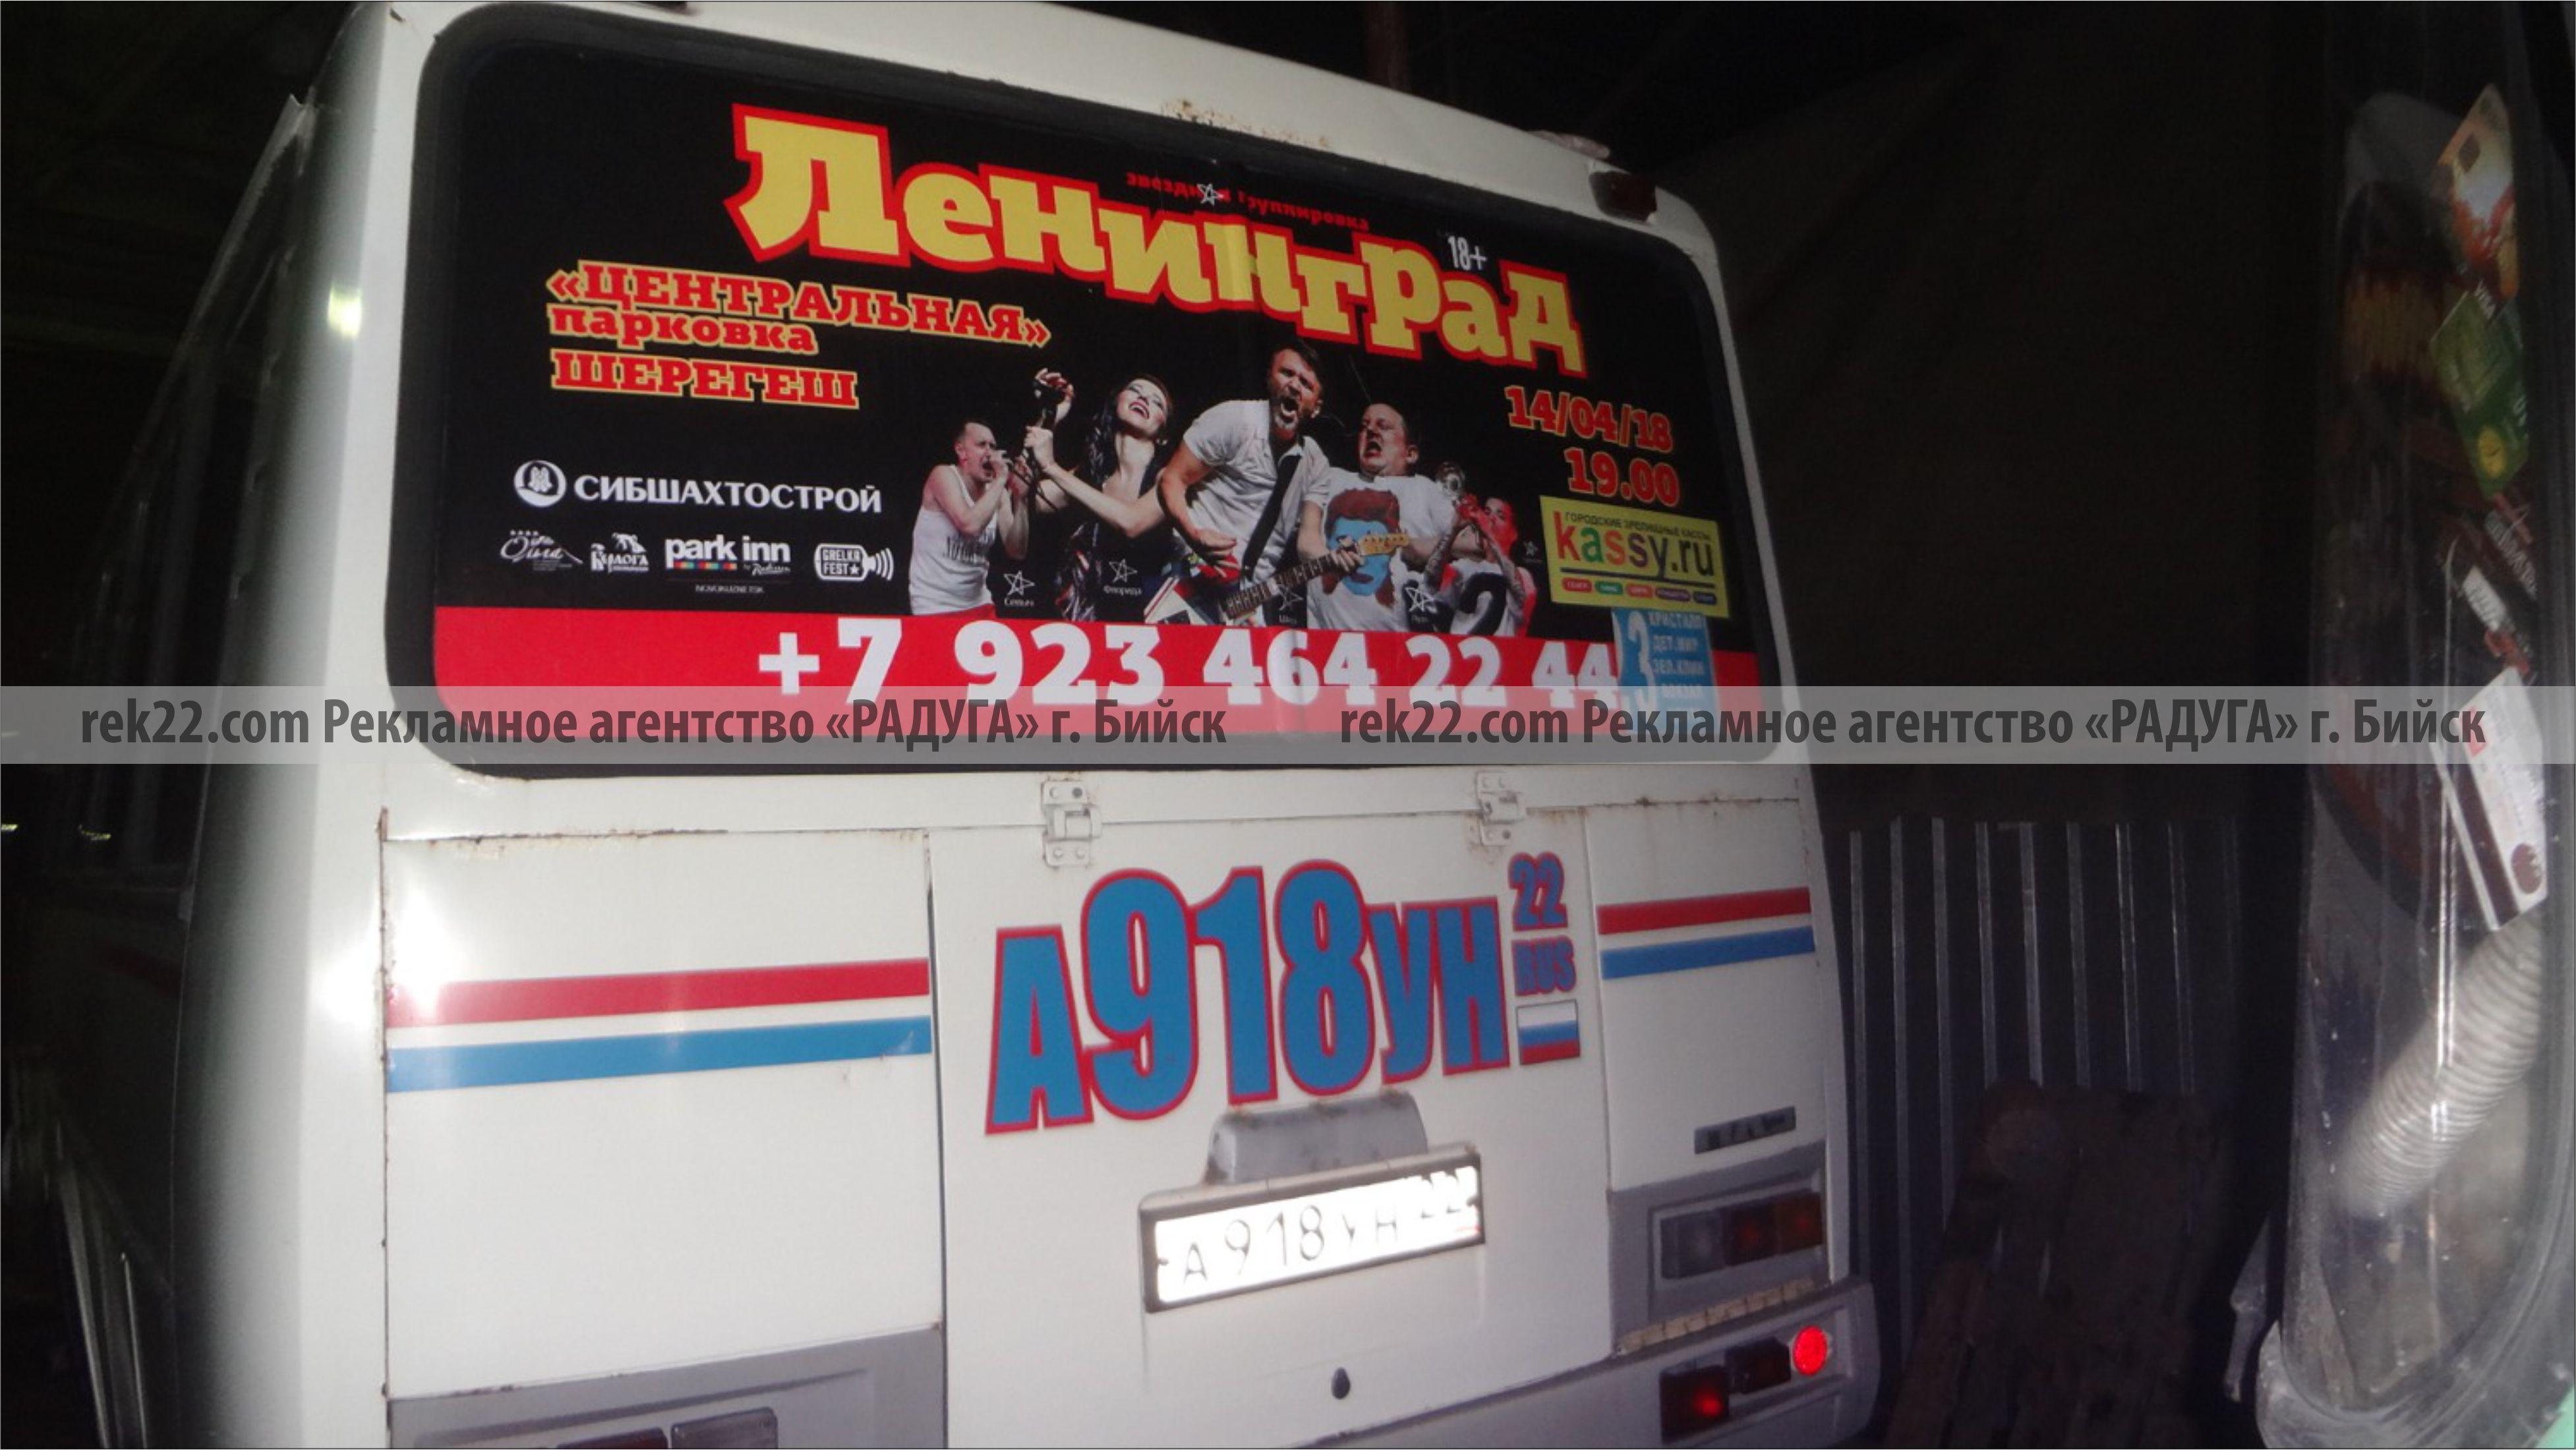 Реклама на транспорте Бийск - бортах, задних стеклах - 8